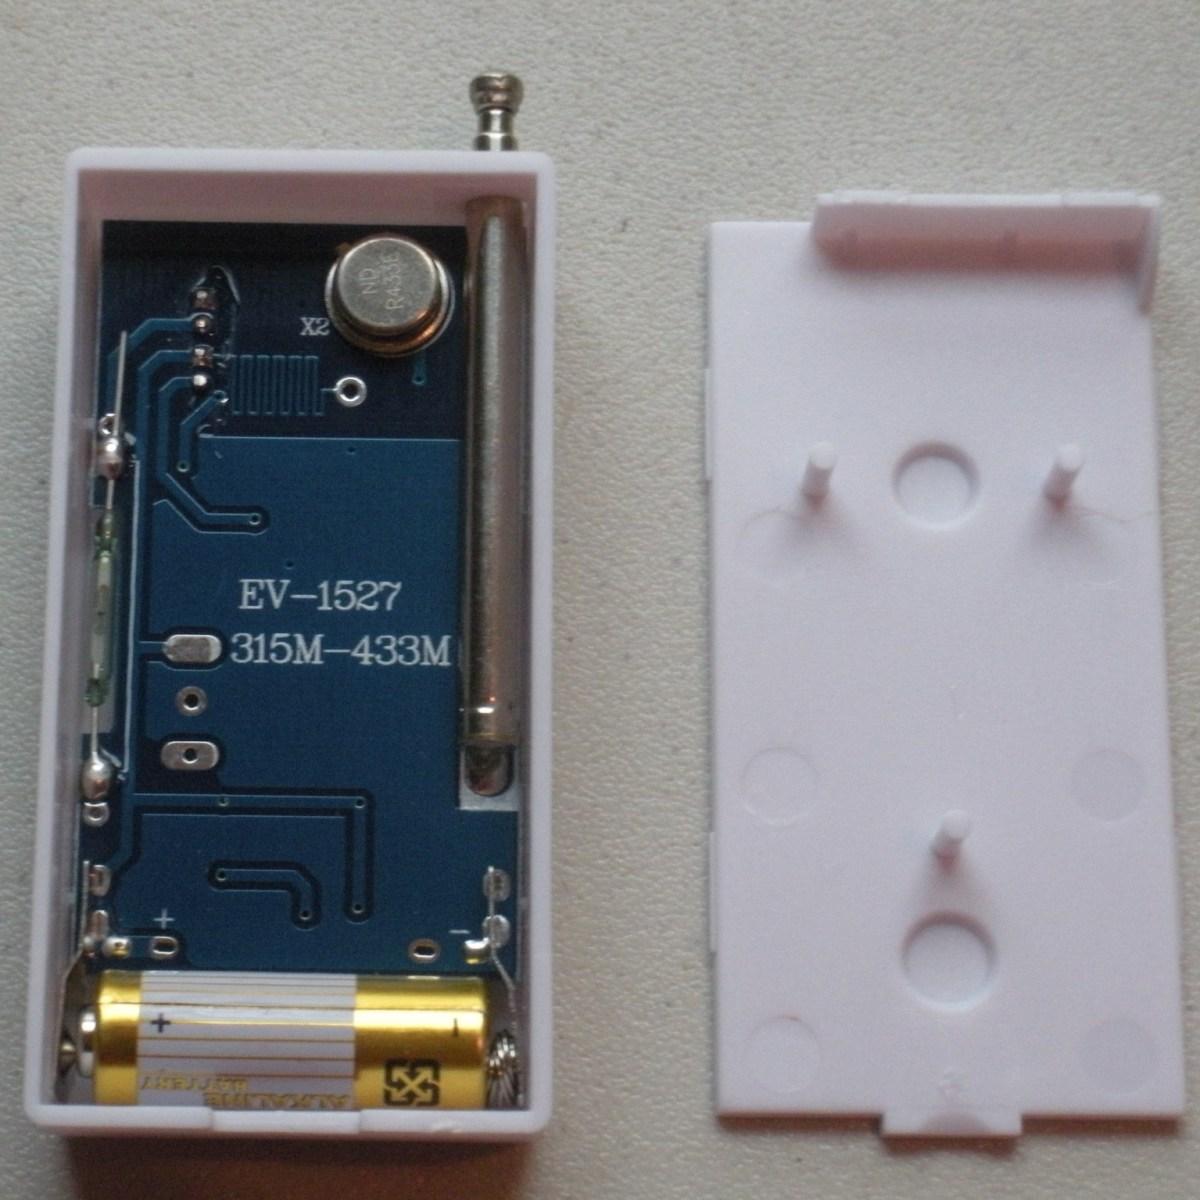 PIRs должны поставляться с установленными батареями, потому что у них есть переключатель включения/выключения. Но вам нужно будет поместить батареи в ваши датчики входа.